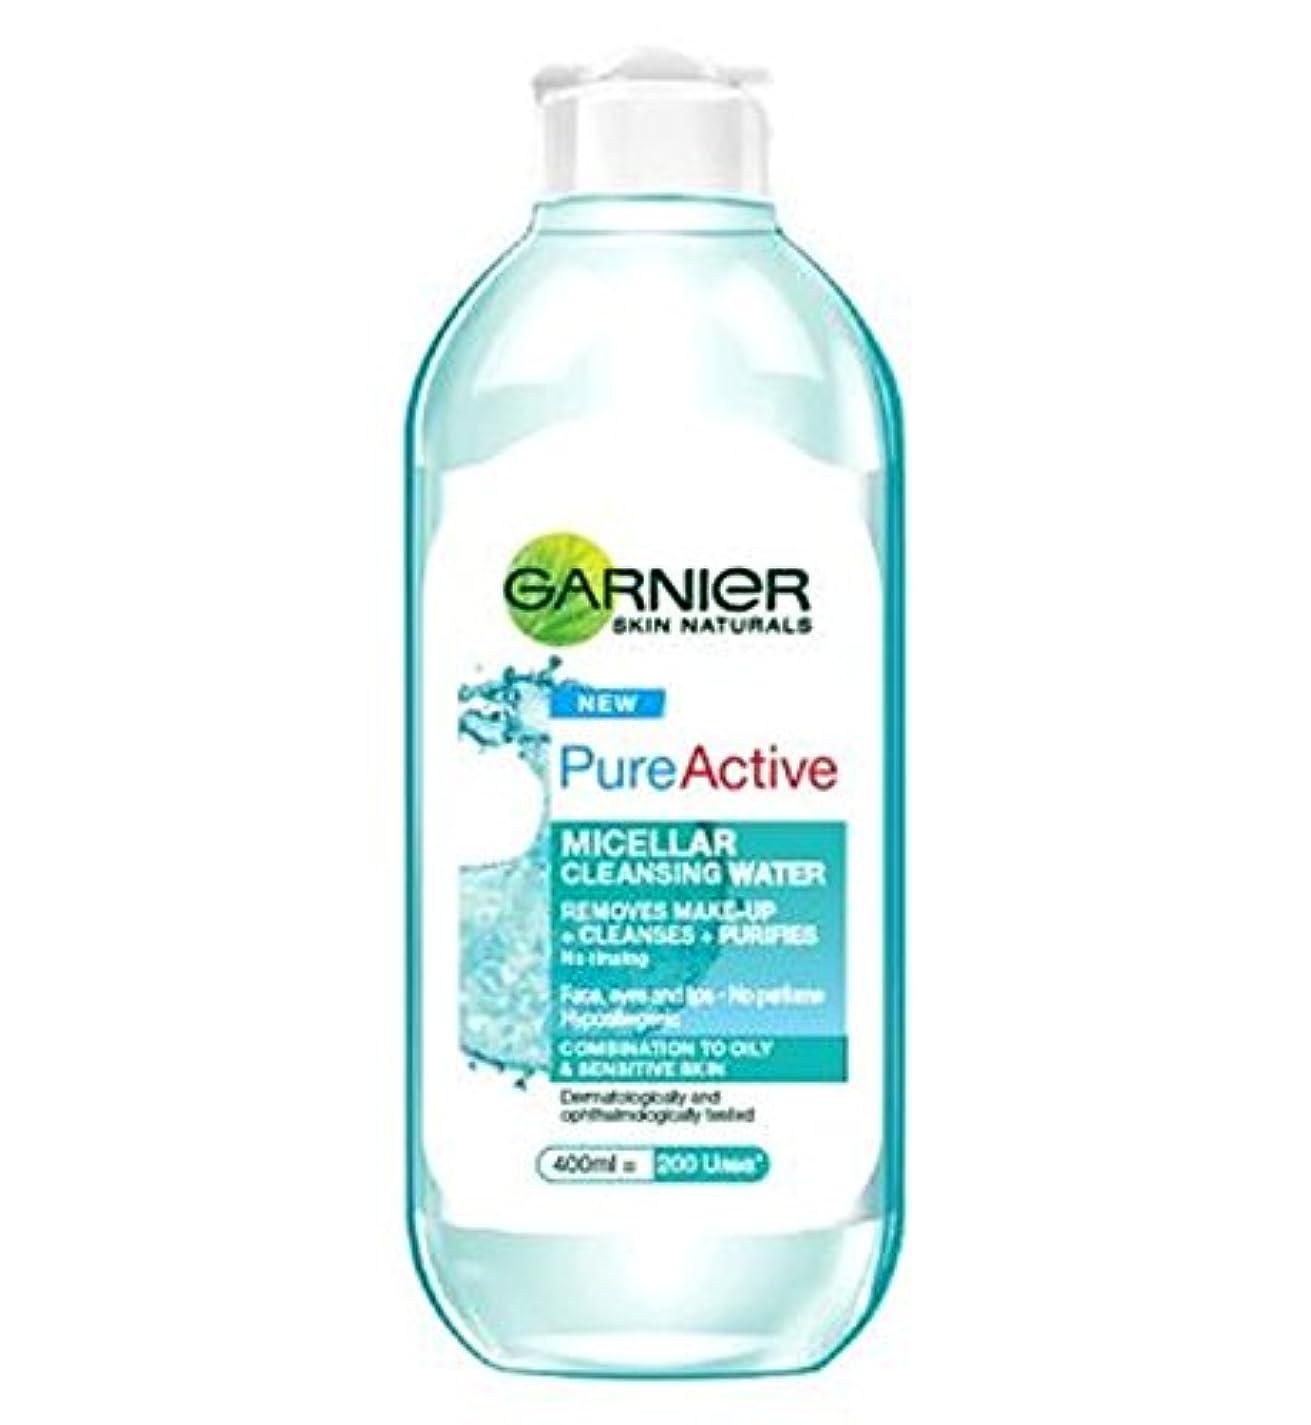 急流口述するいらいらするガルニエ純粋なミセル洗浄水400ミリリットル (Garnier) (x2) - Garnier Pure Micellar Cleansing Water 400ml (Pack of 2) [並行輸入品]